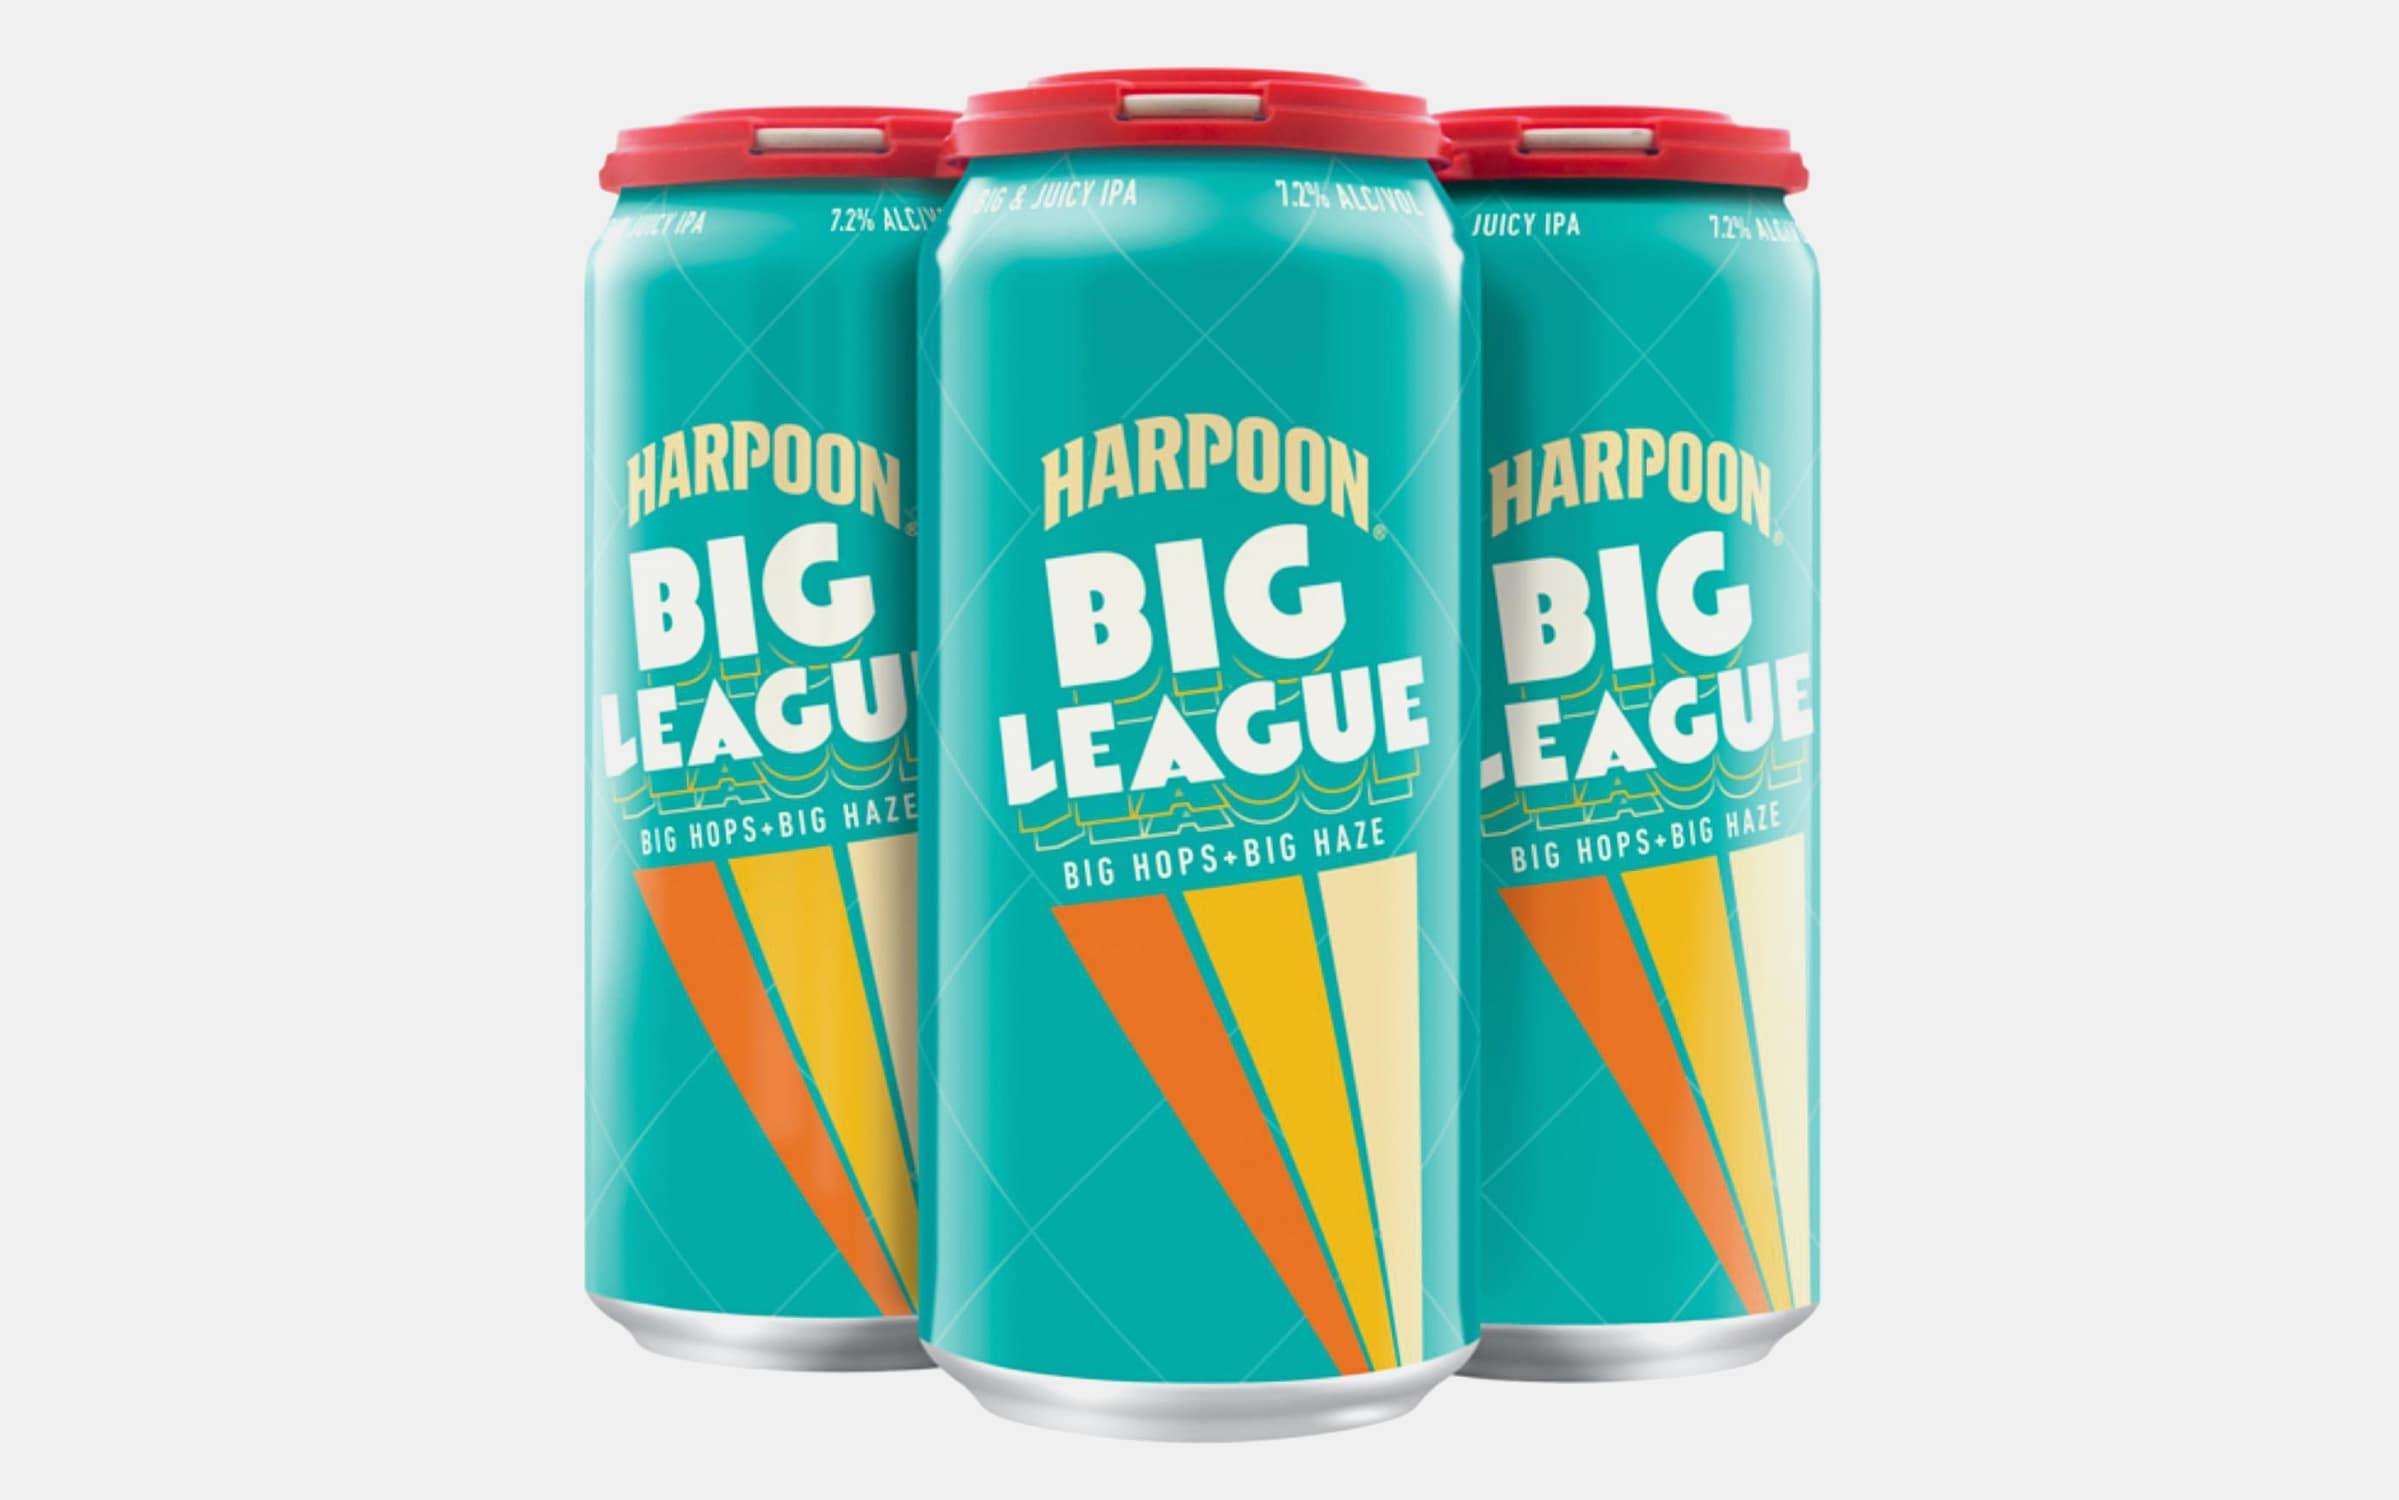 Harpoon Big League Hazy IPA